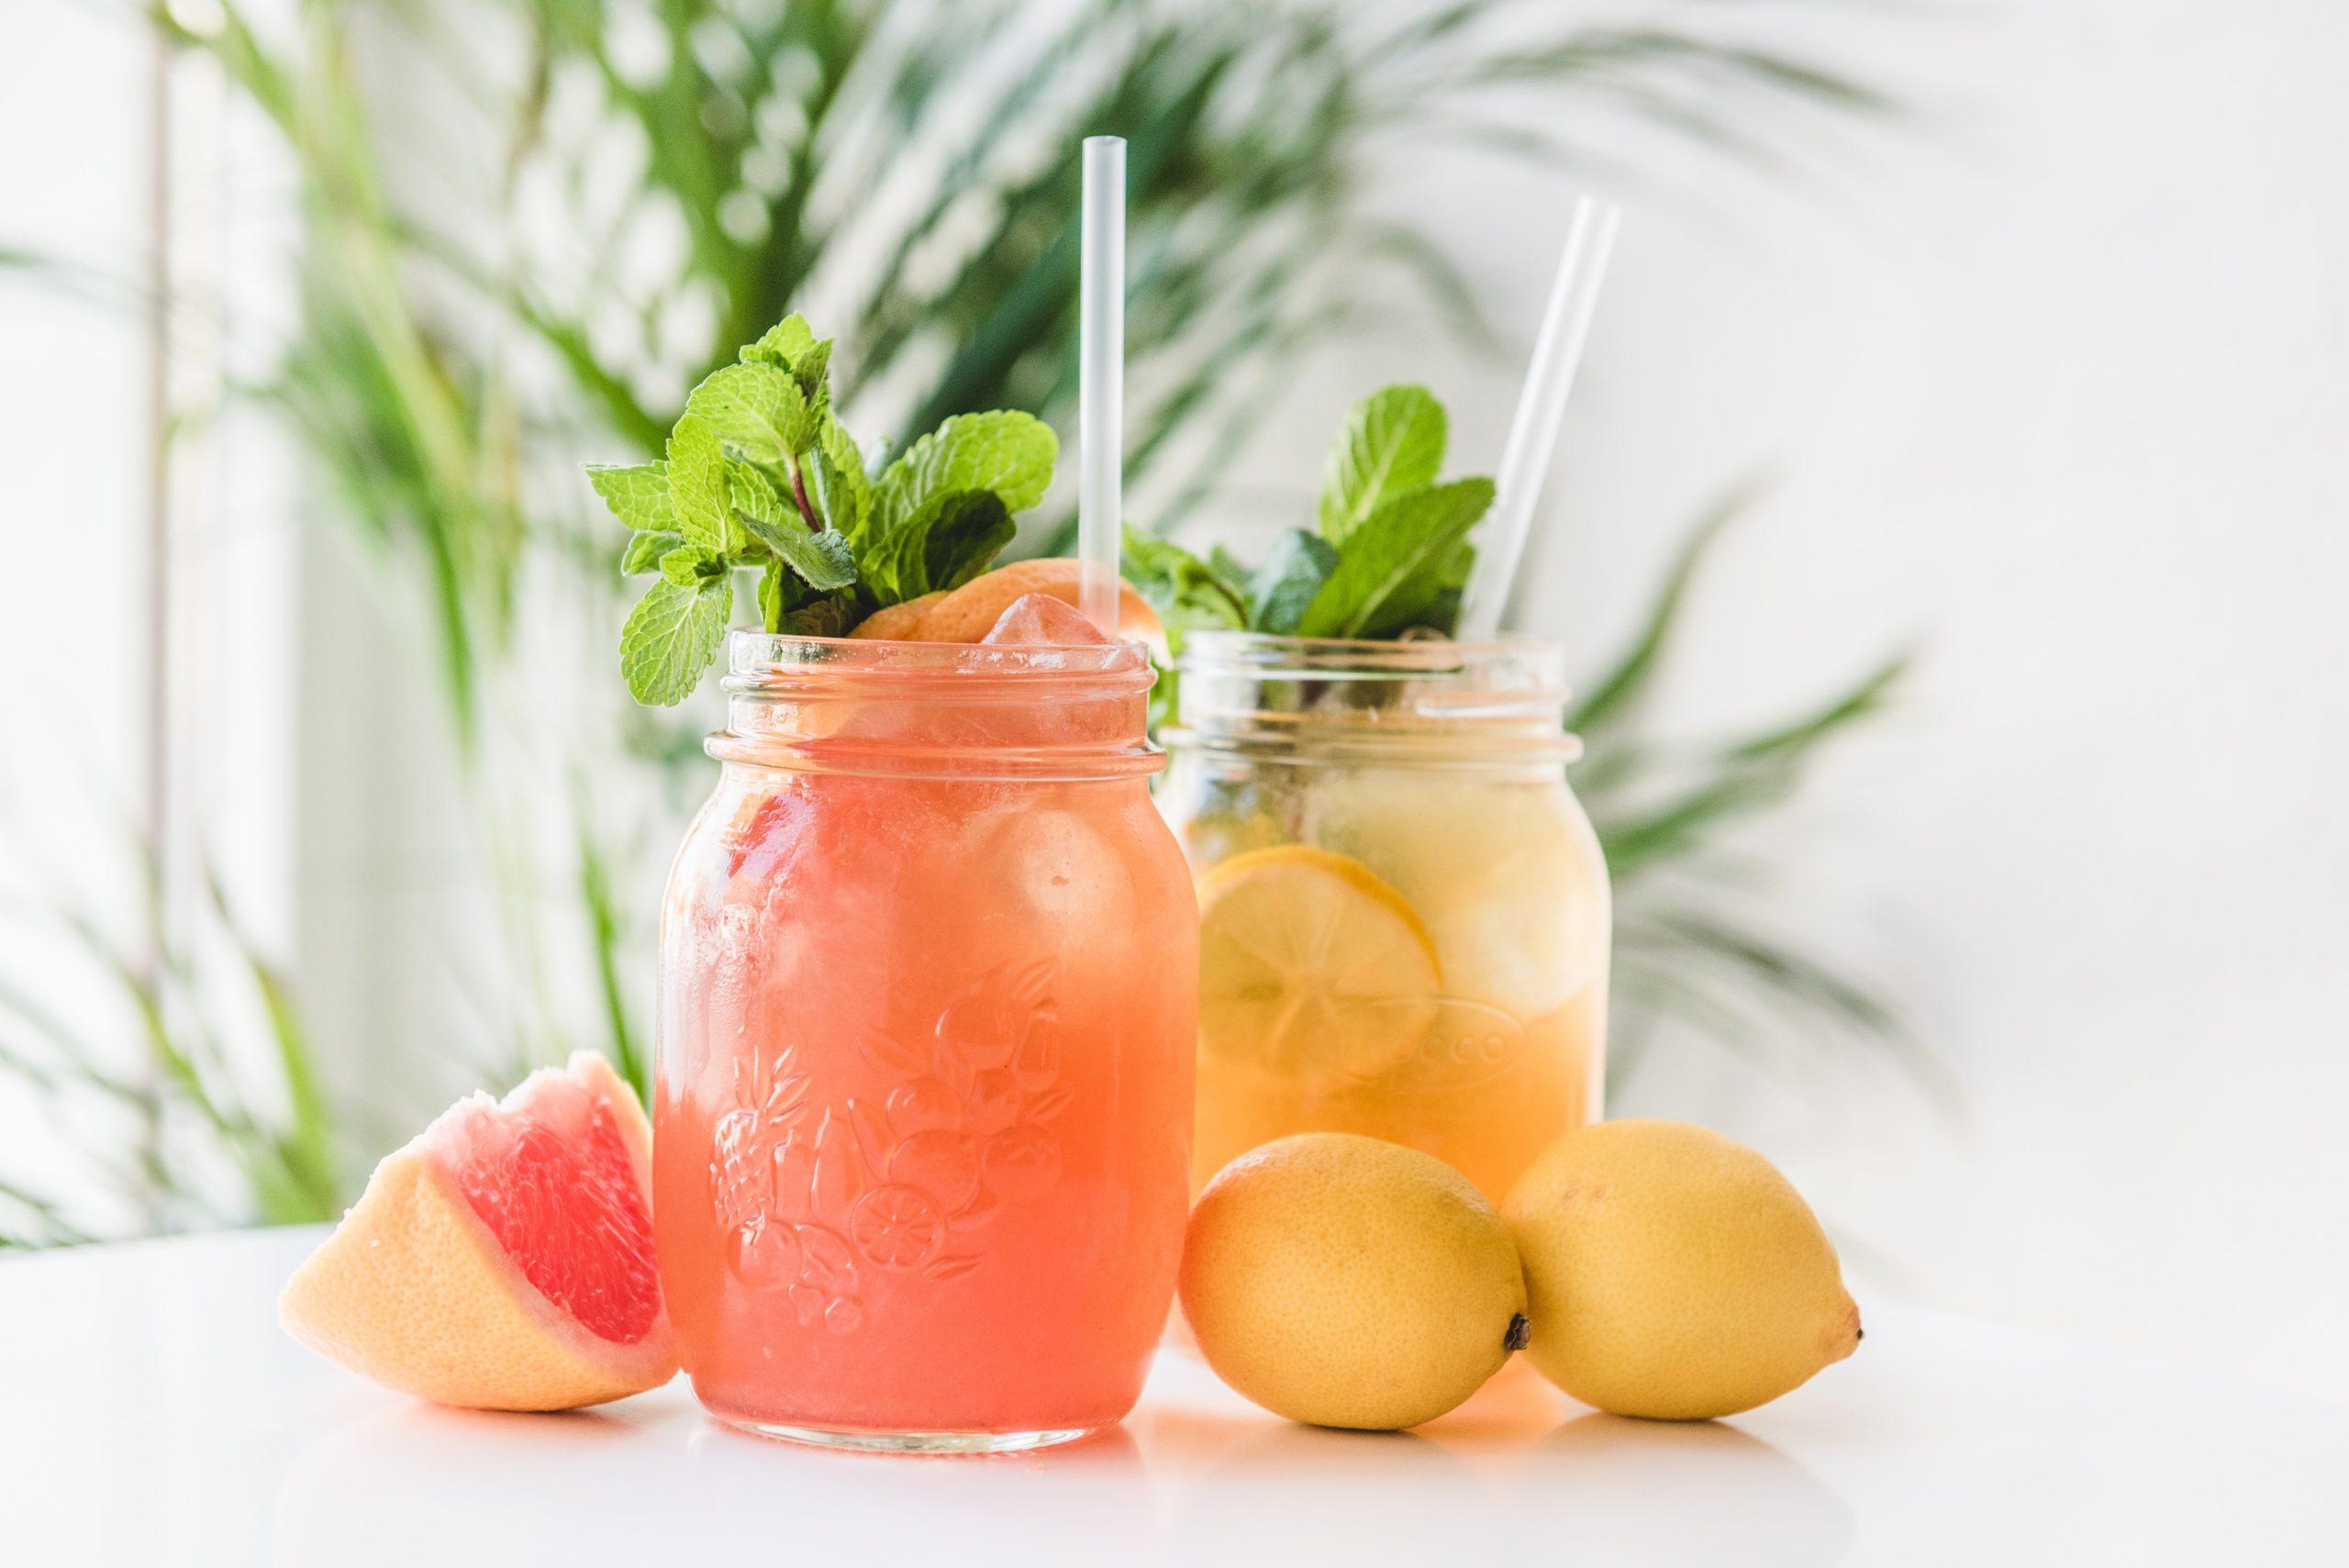 5 jugos naturales que desinflaman el organismo y mejoran la digestión